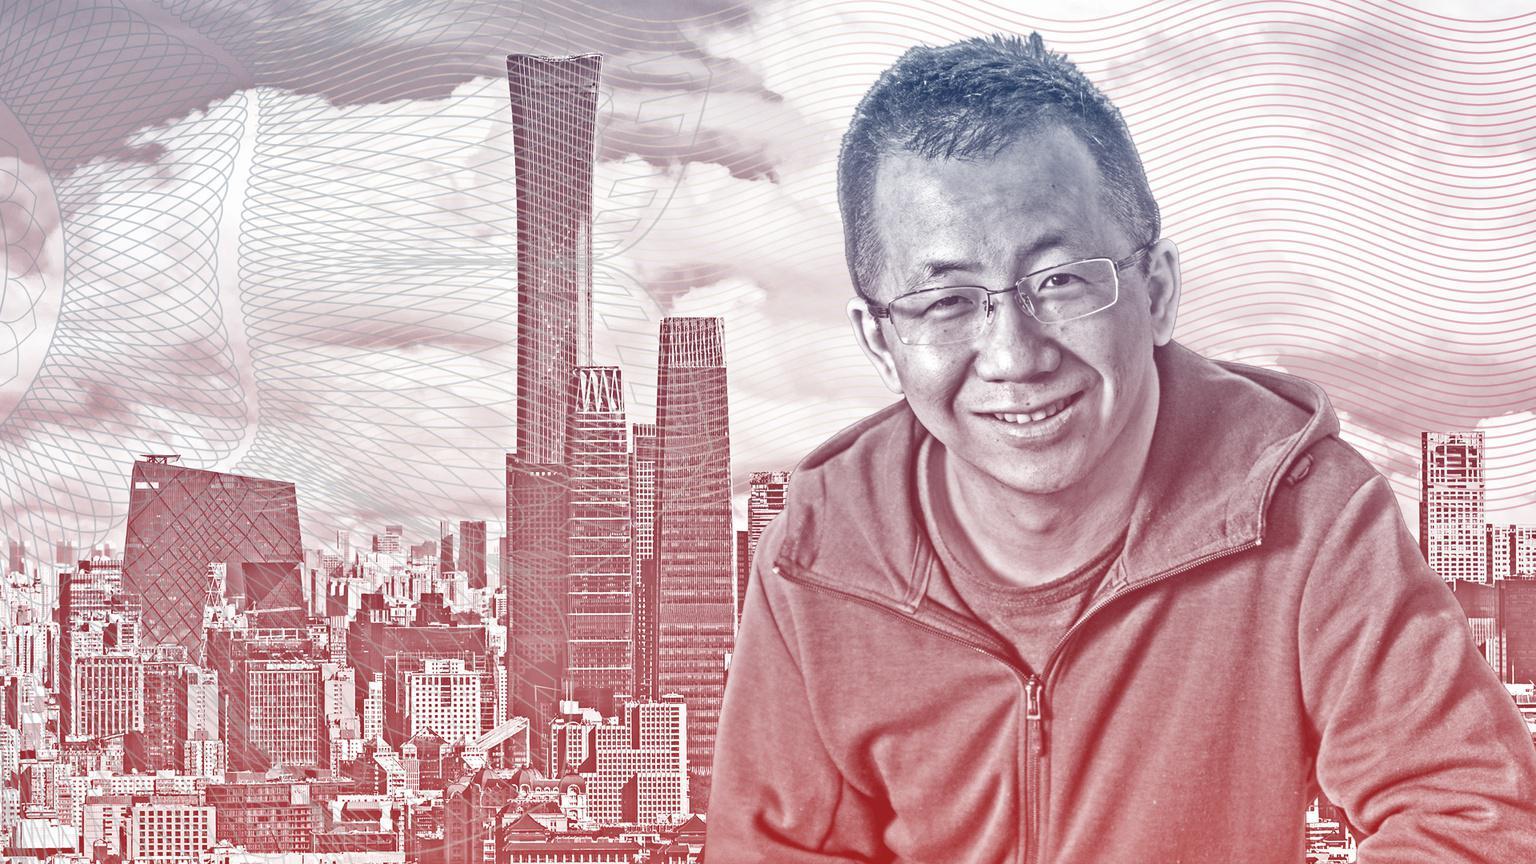 Zhang Yiming, Người sáng lập ByteDance, tại Bắc Kinh, Trung Quốc